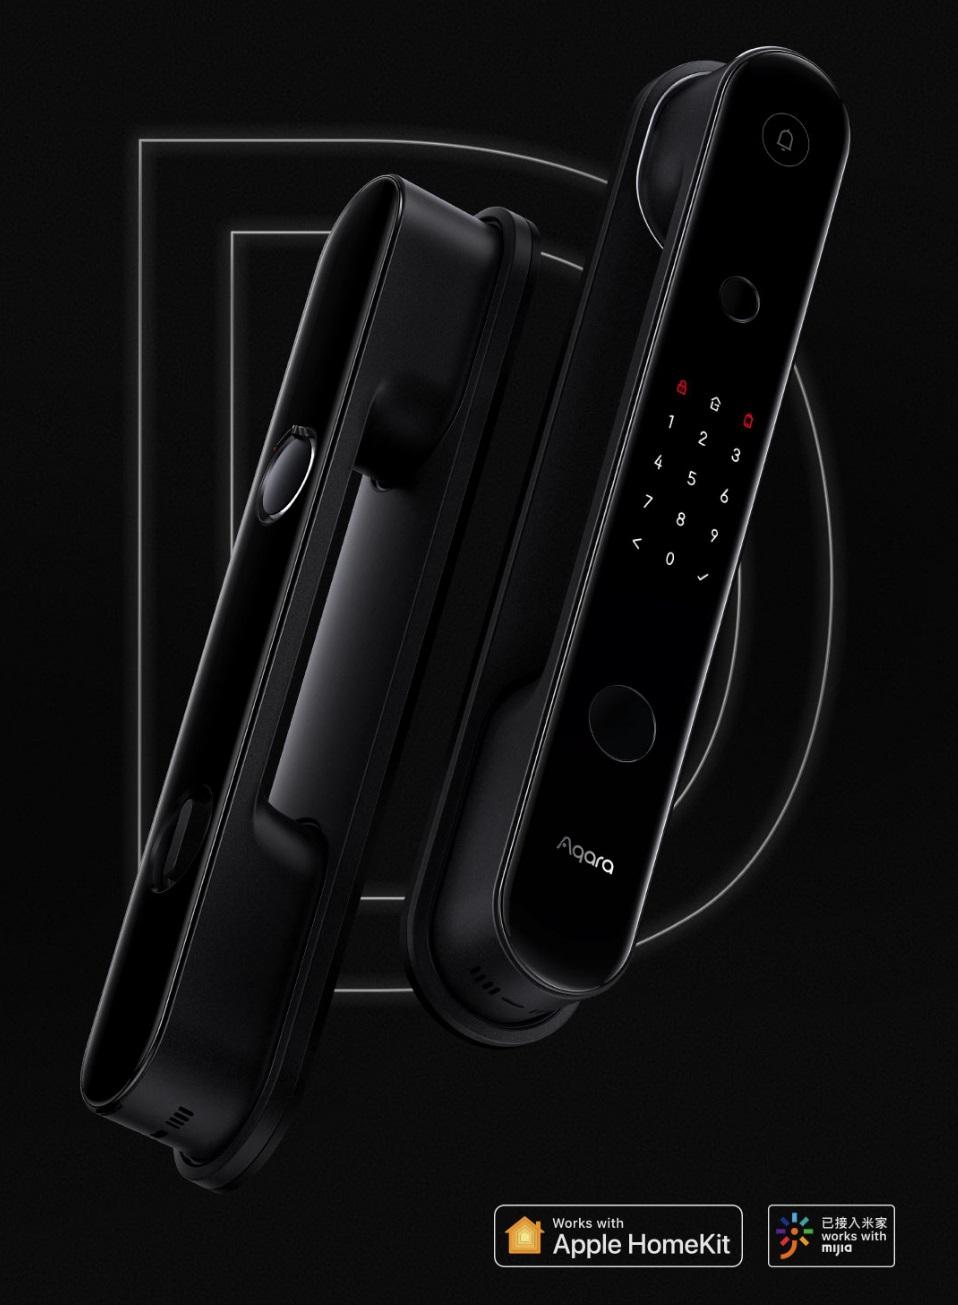 绿米 Aqara 全自动智能门锁发布:苹果小米双安全芯片,支持两家物联网控制